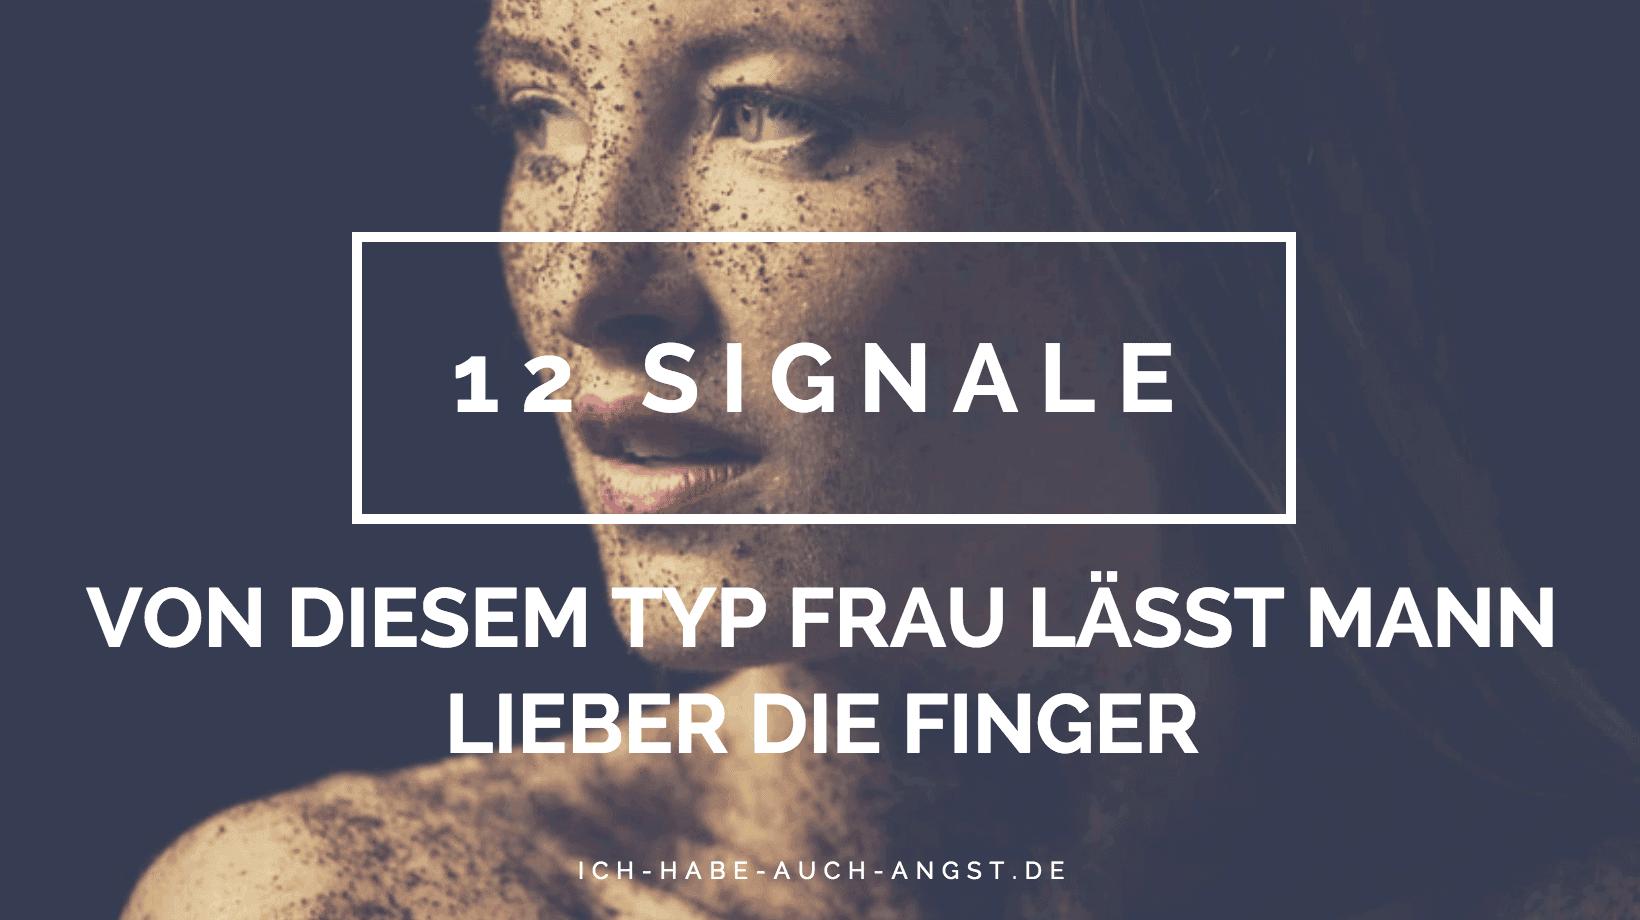 12 signale von diesem typ Frau lässt Mann lieber die finger